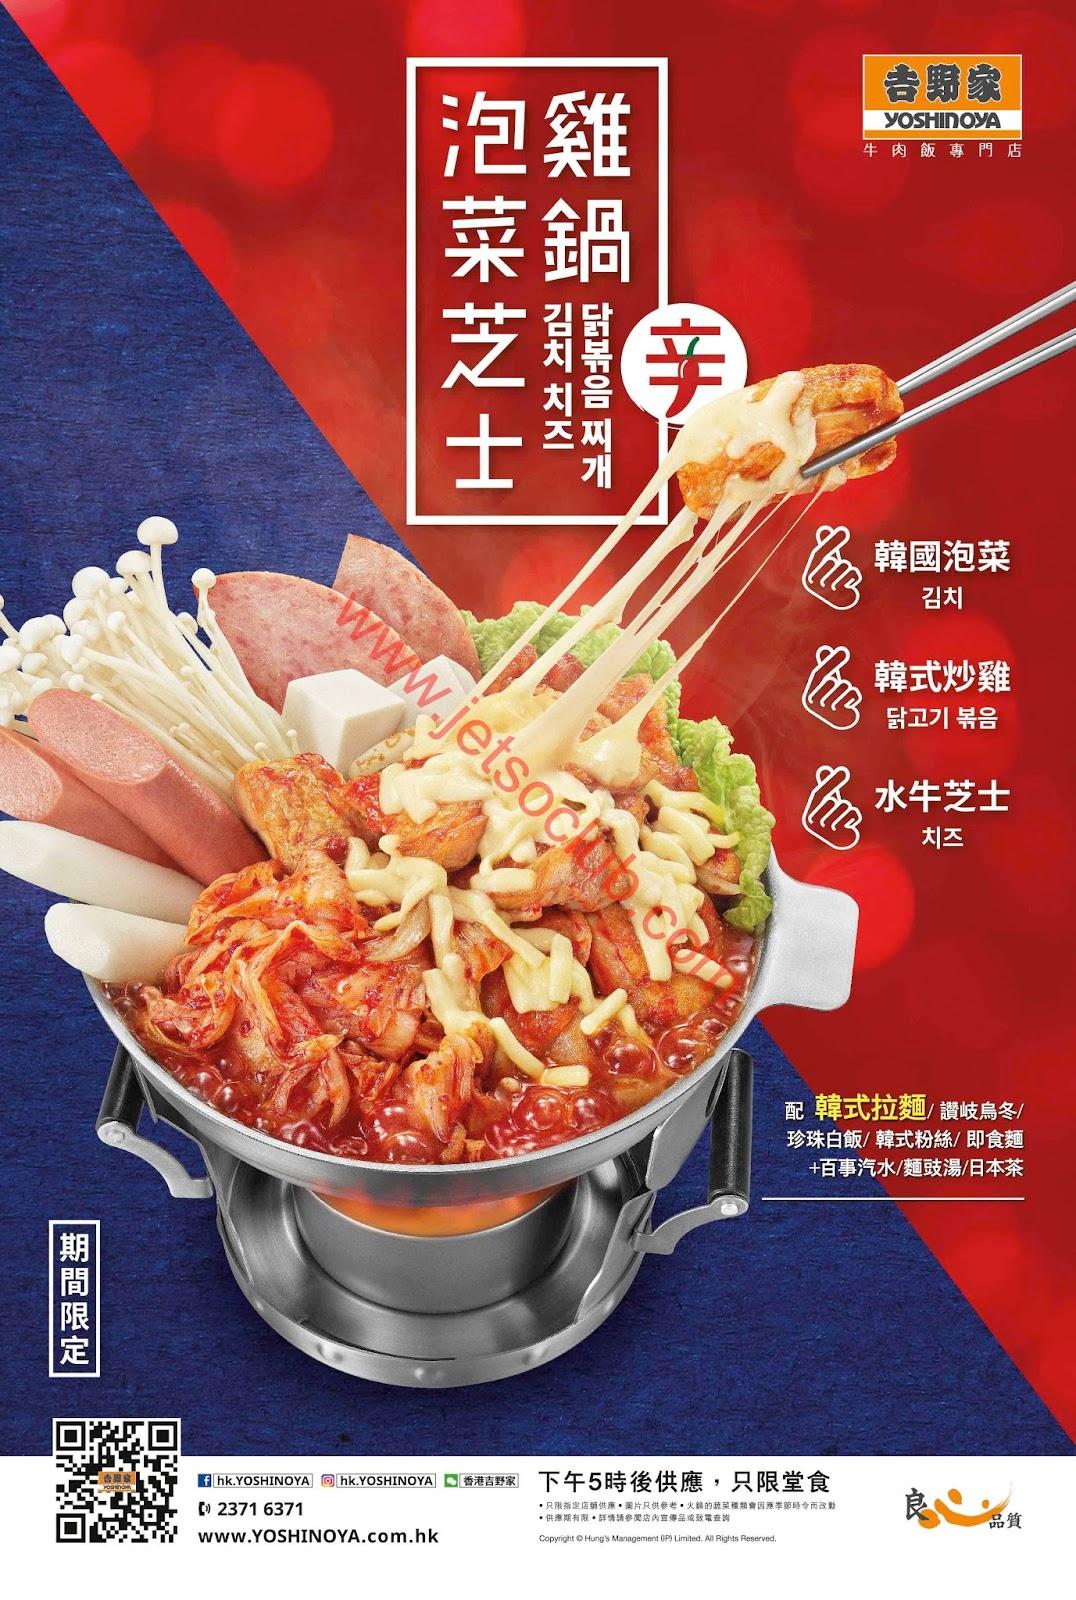 吉野家:全新「泡菜芝士雞鍋」(28/4起) ( Jetso Club 著數俱樂部 )